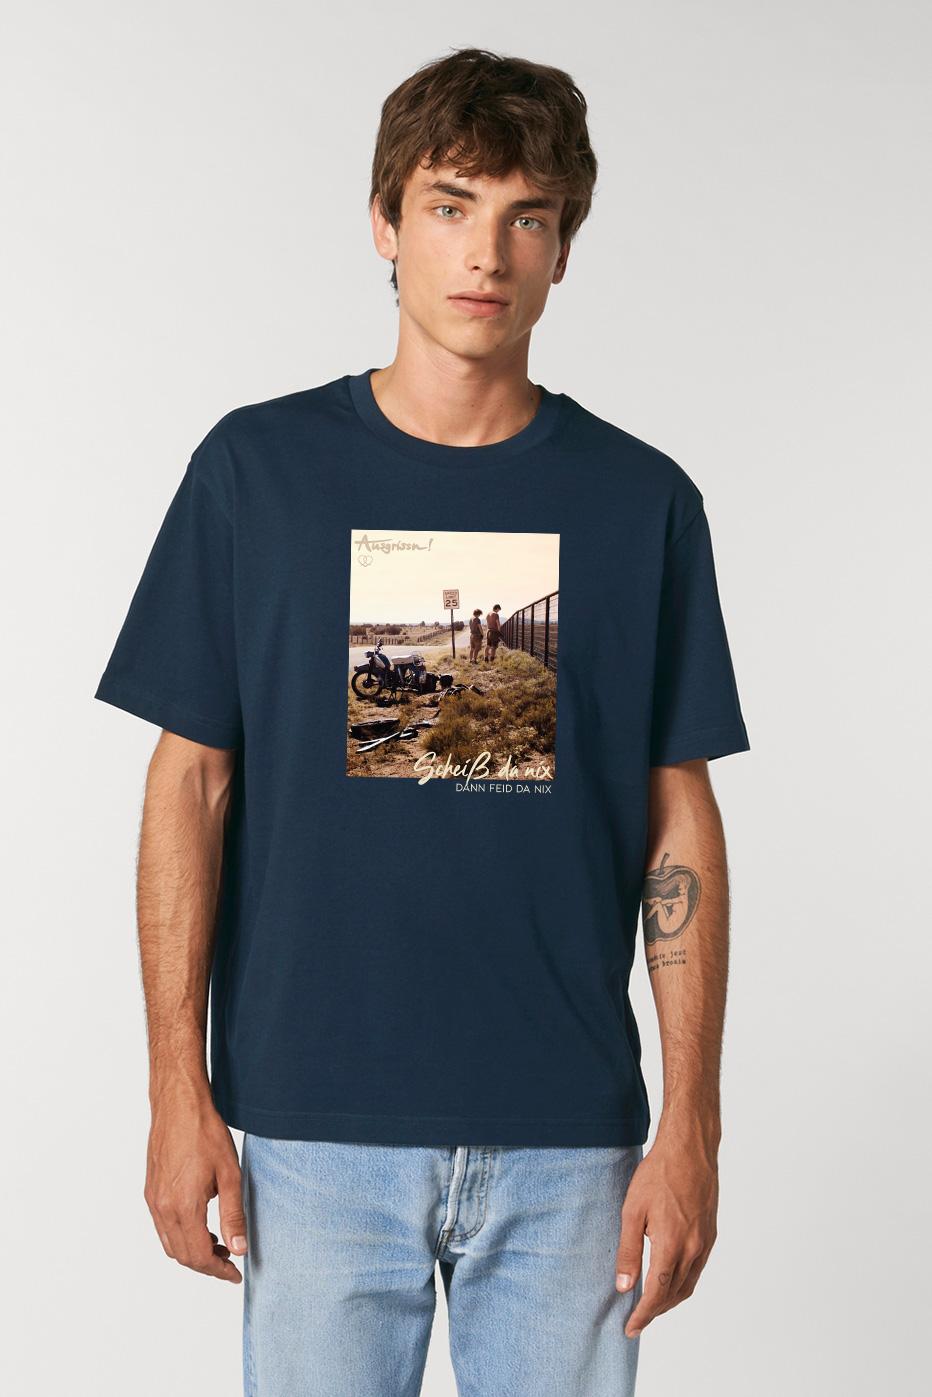 Ausgrissn Unisex T-Shirt